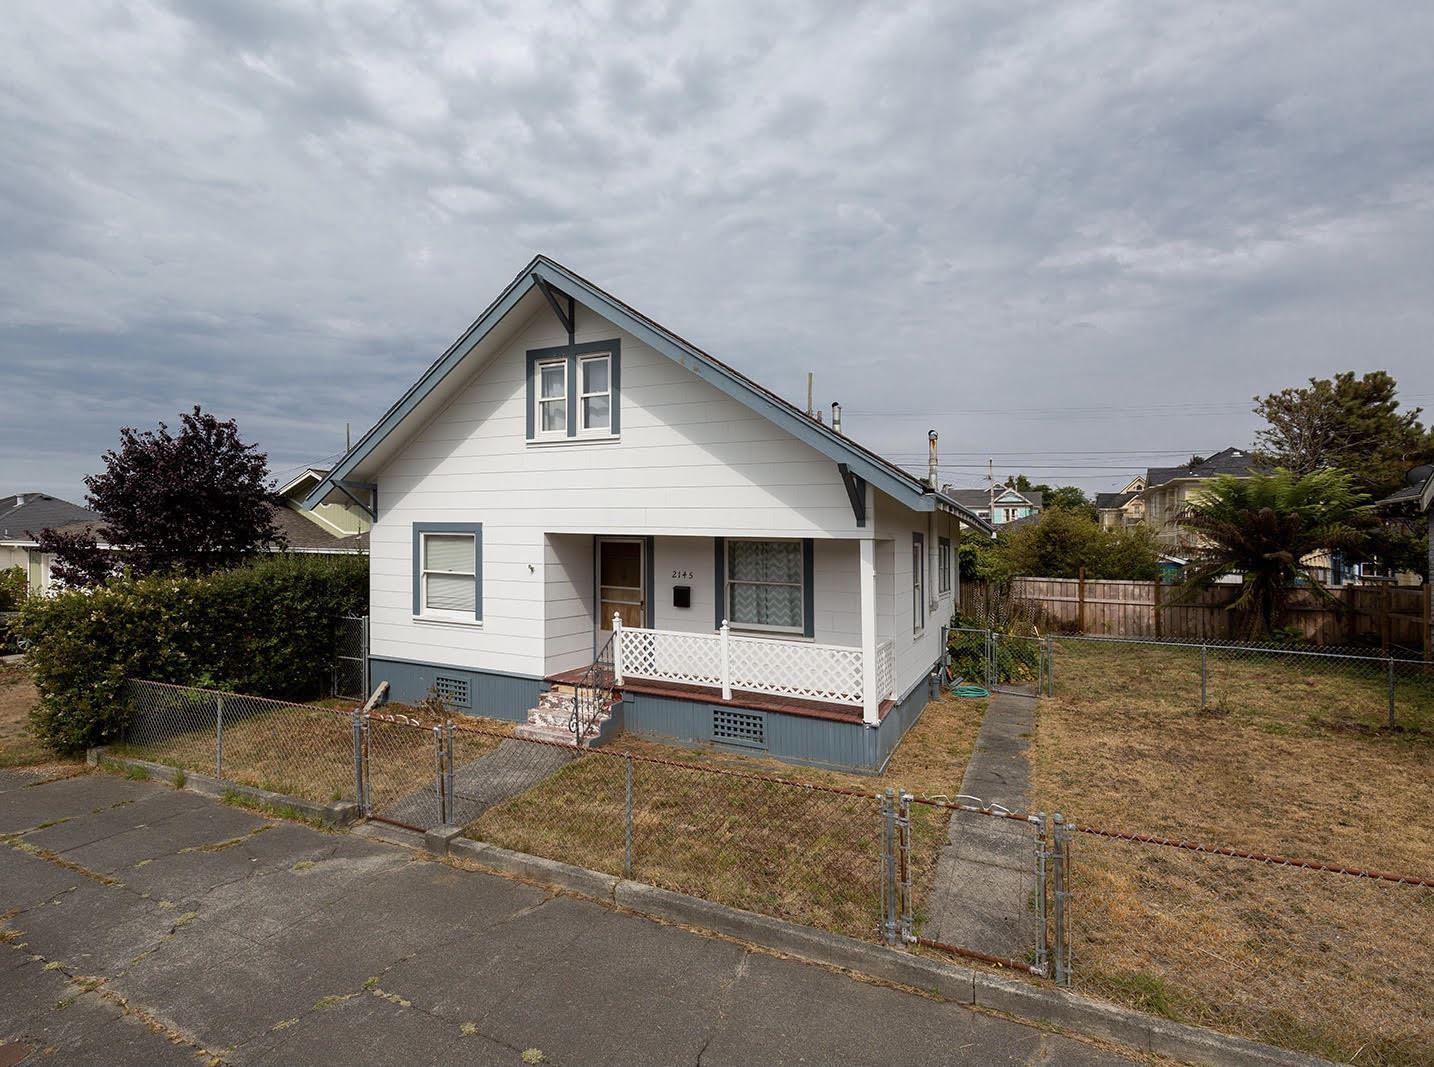 2145 B Street, Eureka, CA 95501 - MLS#: 259696